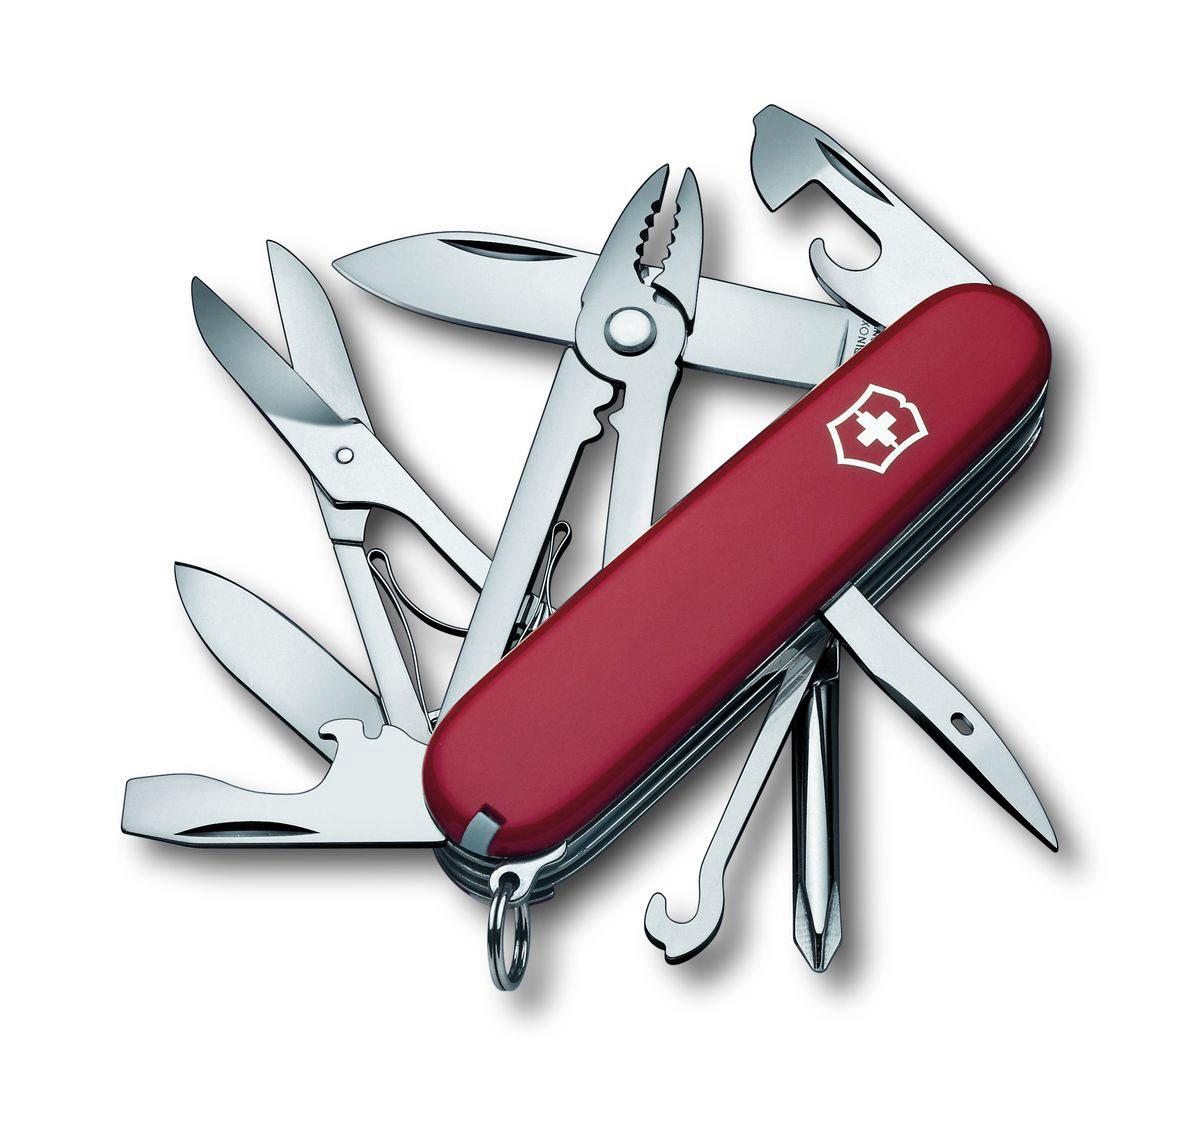 Нож перочинный Victorinox Deluxe Tinker, цвет: красный, 17 функций, 9,1 см